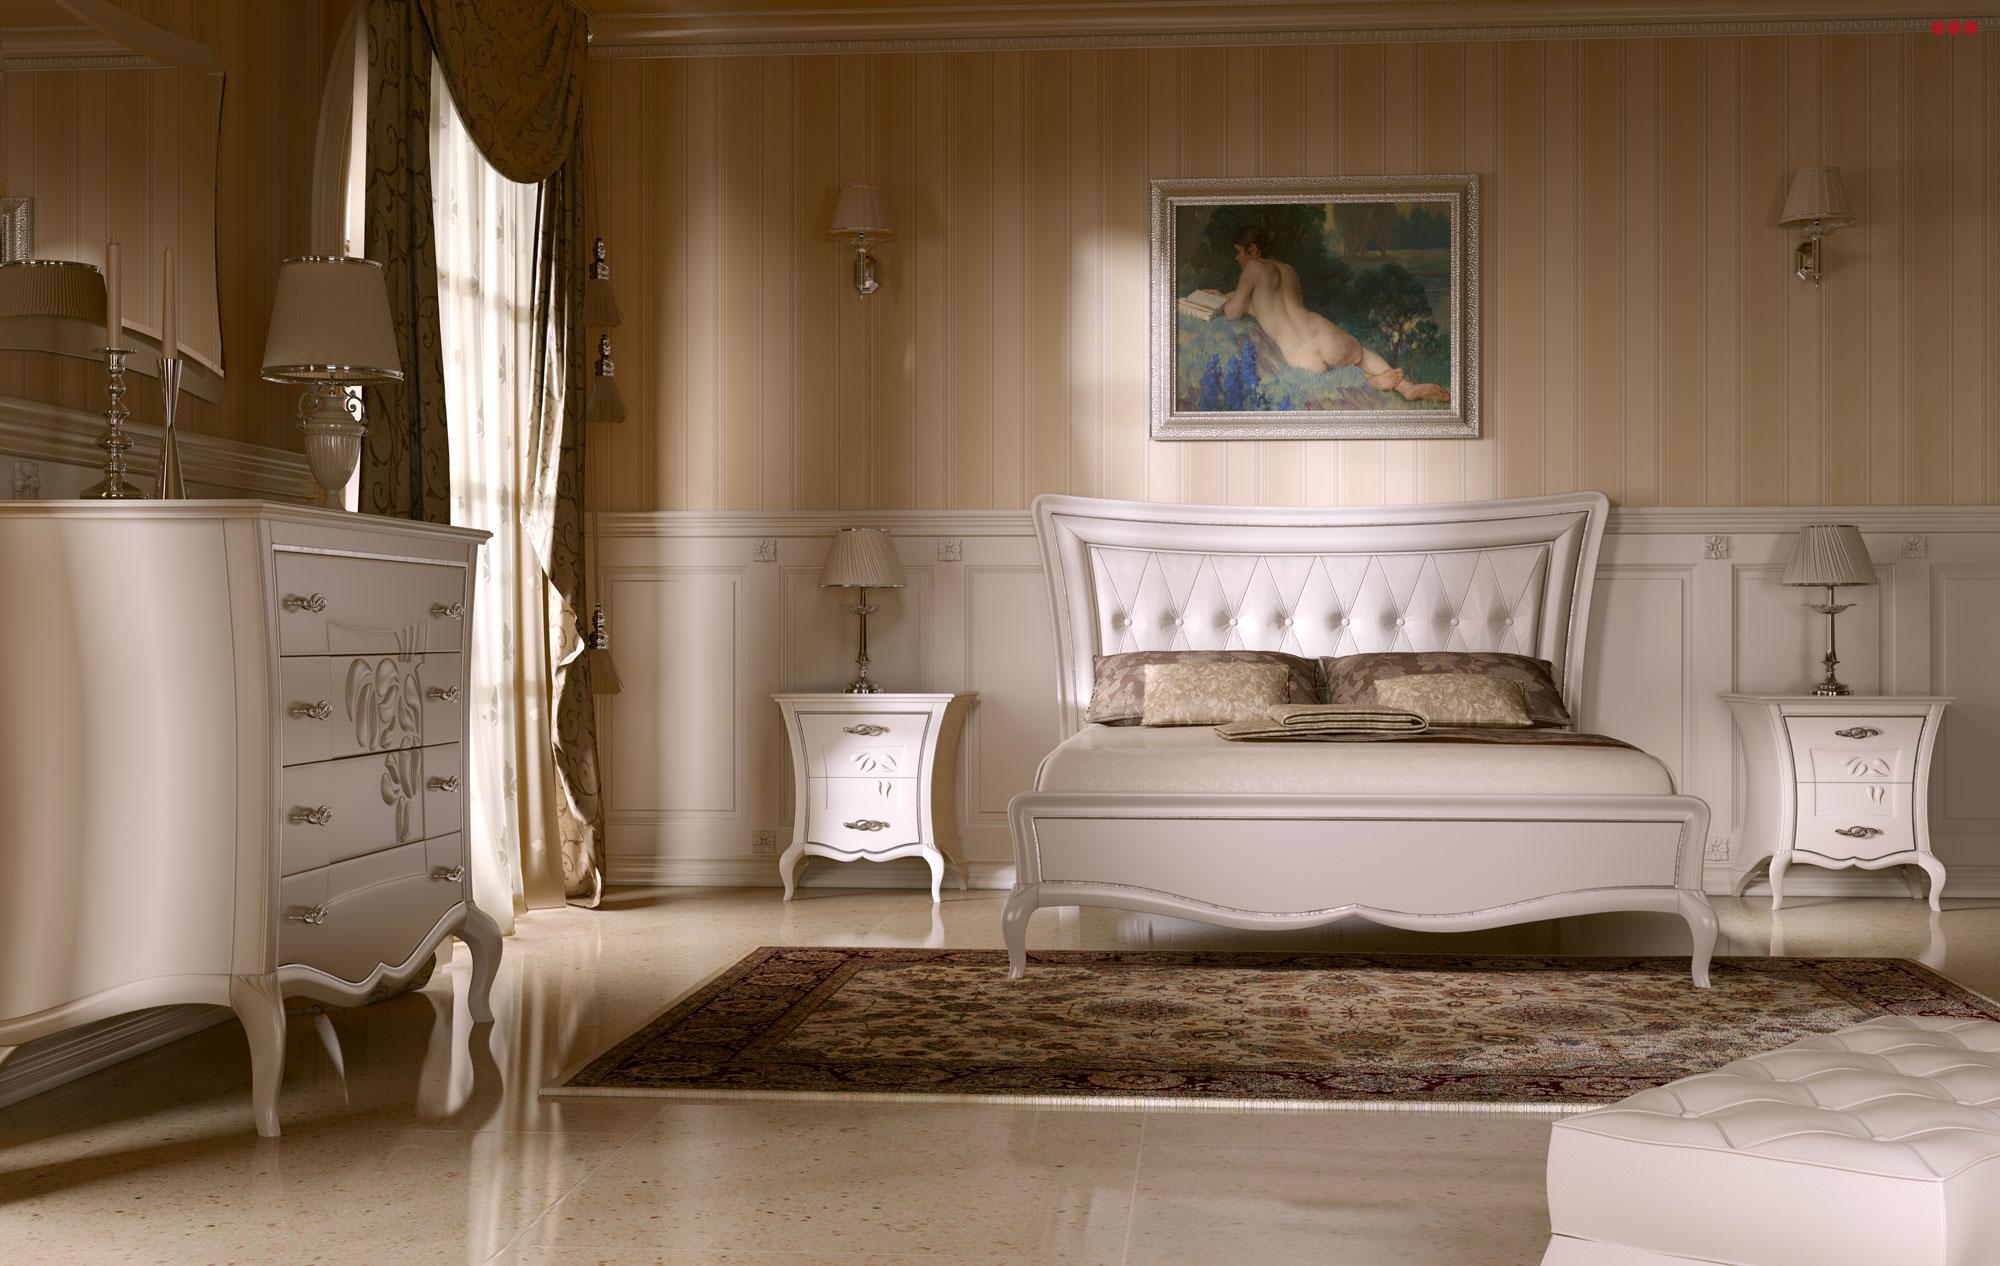 Catalogo stilema 3d studio bartolini grafica e rendering 3d - Mobili stilema camere da letto ...